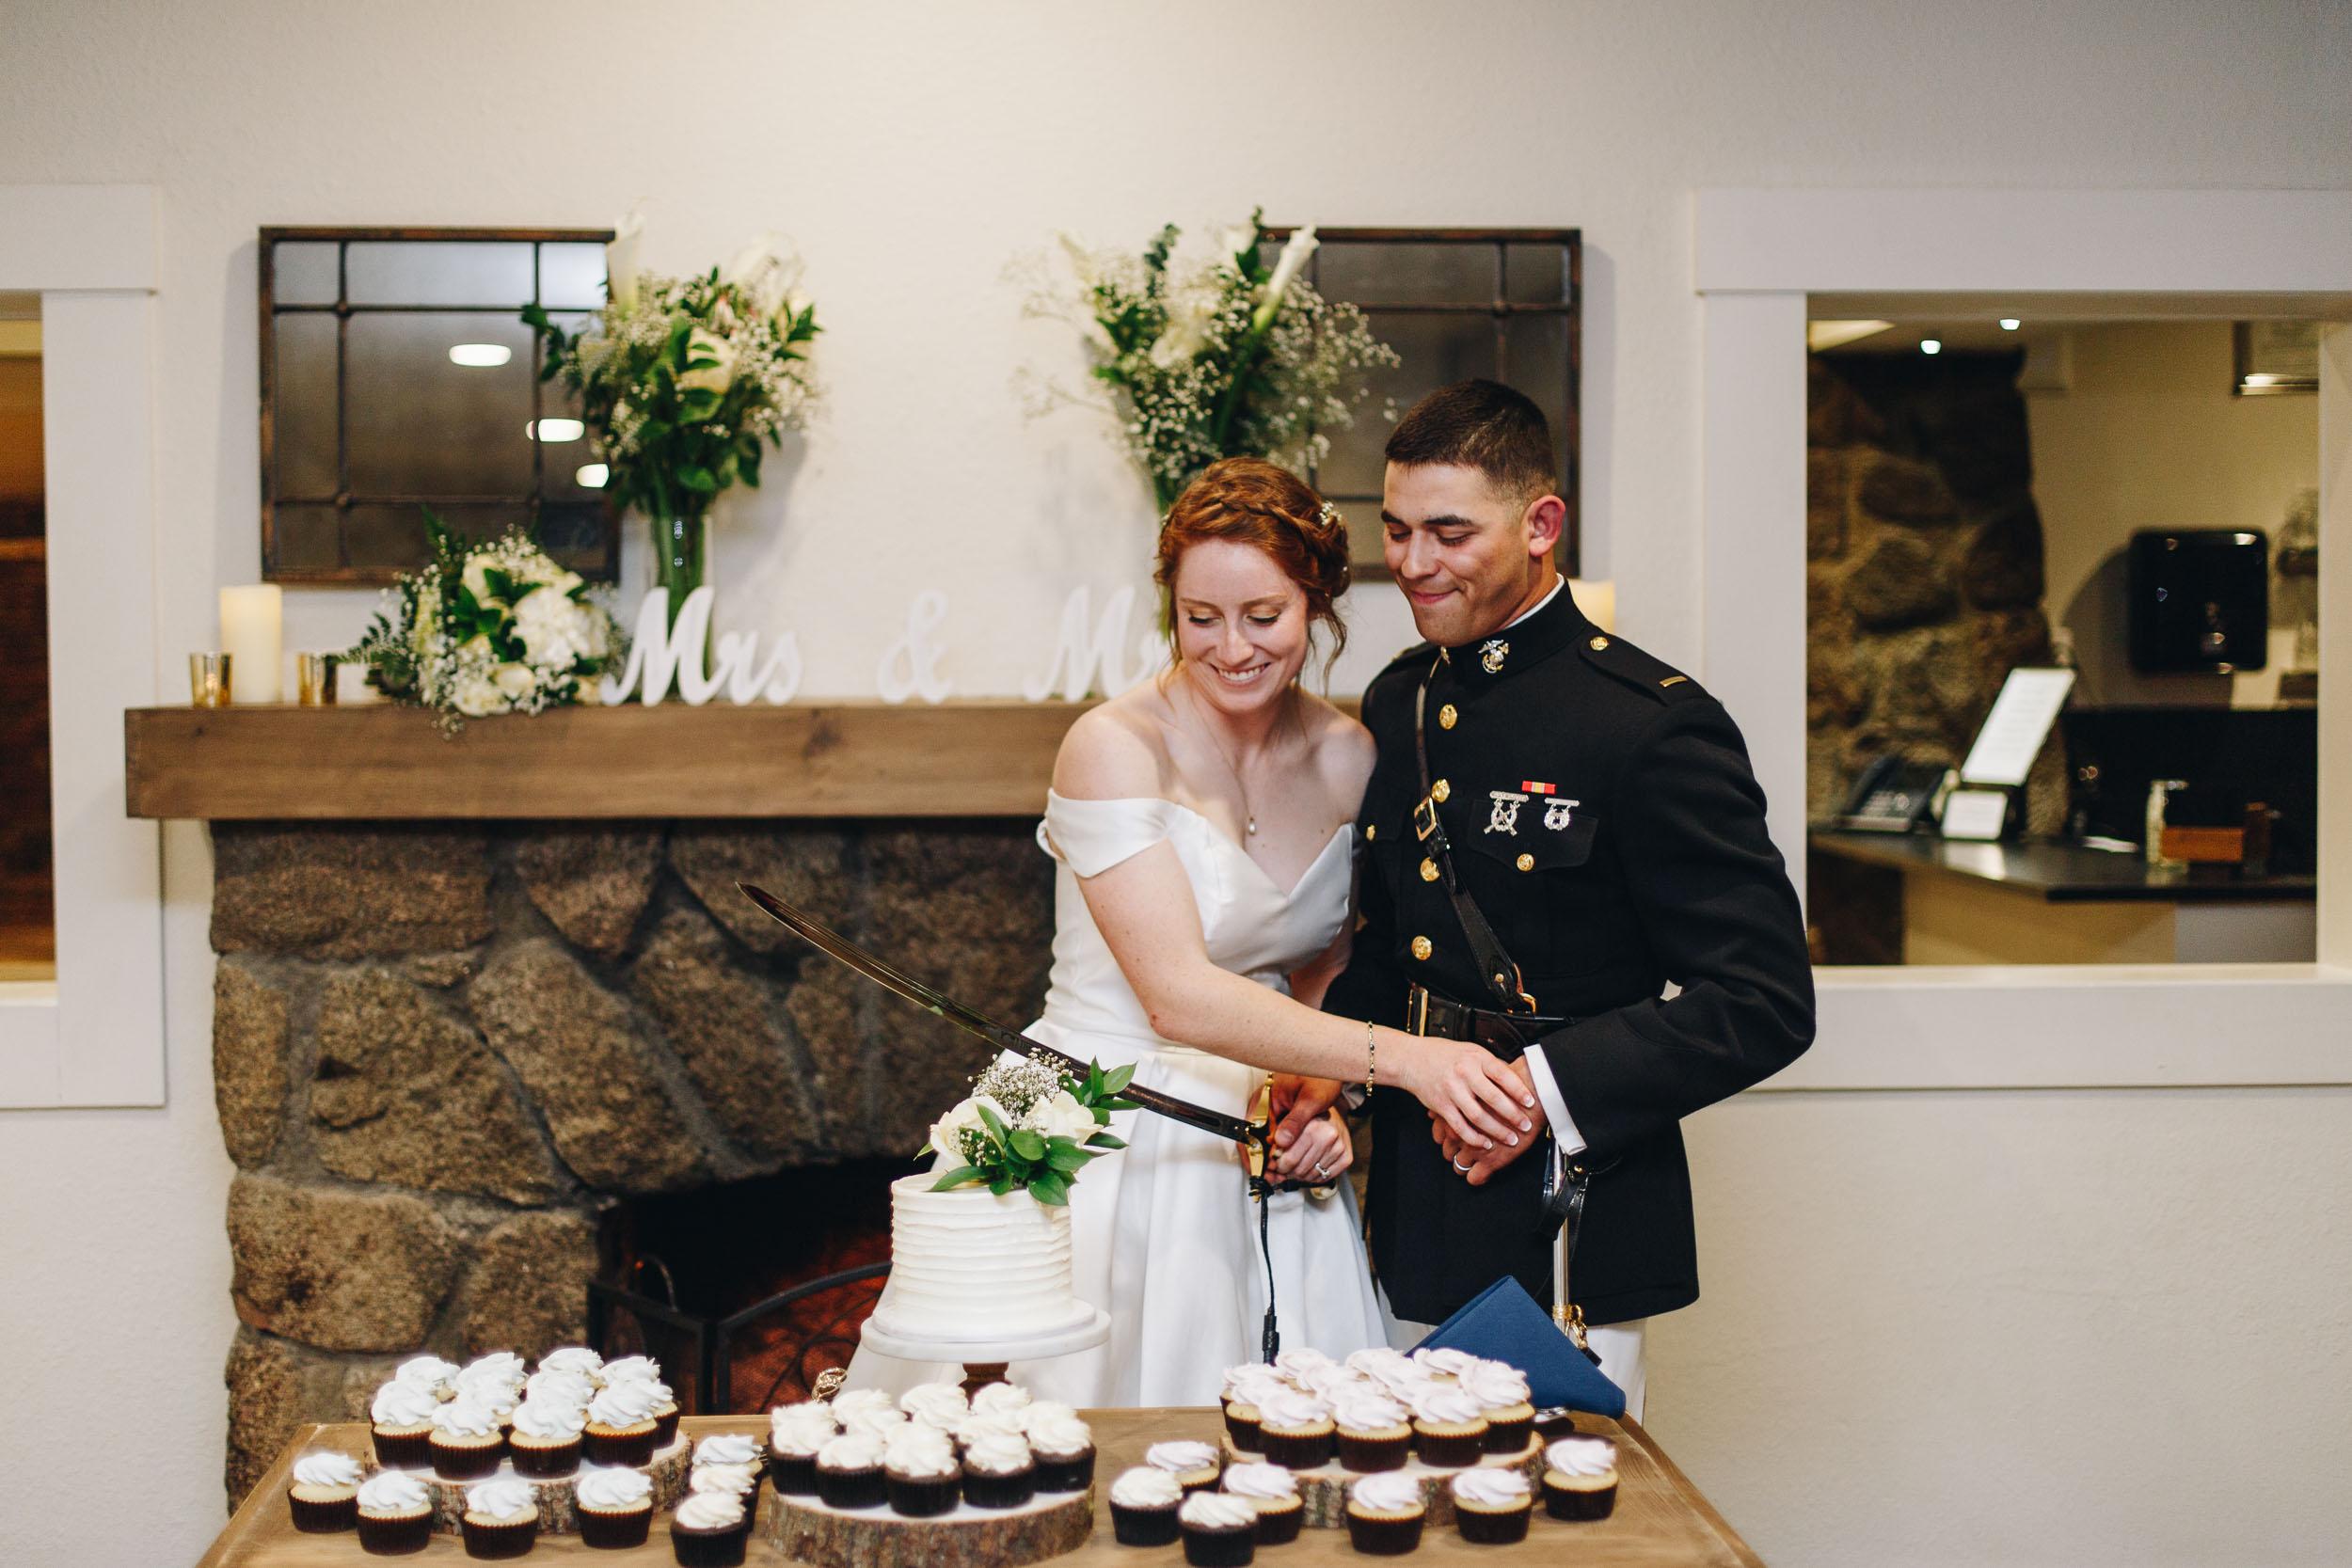 Kate and Kyle get married in Boulder Colorado on March 31 2018 at Wedgewood Weddings Boulder Creek-44.jpg